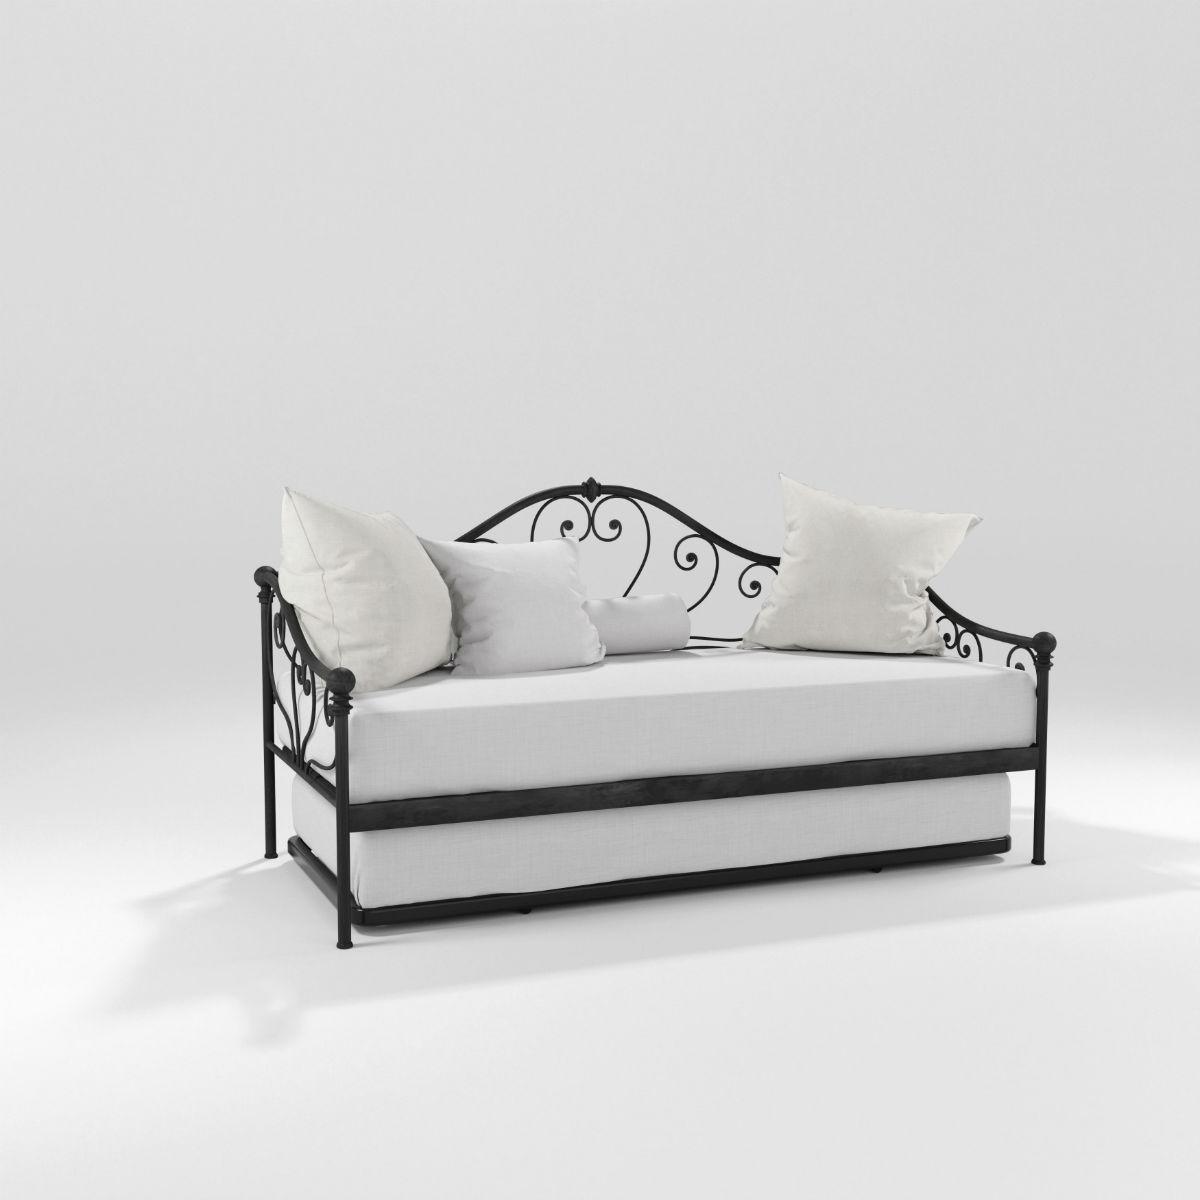 Fidelio barel complementi d 39 arredo made in italy - Trasformare divano in divano letto ...